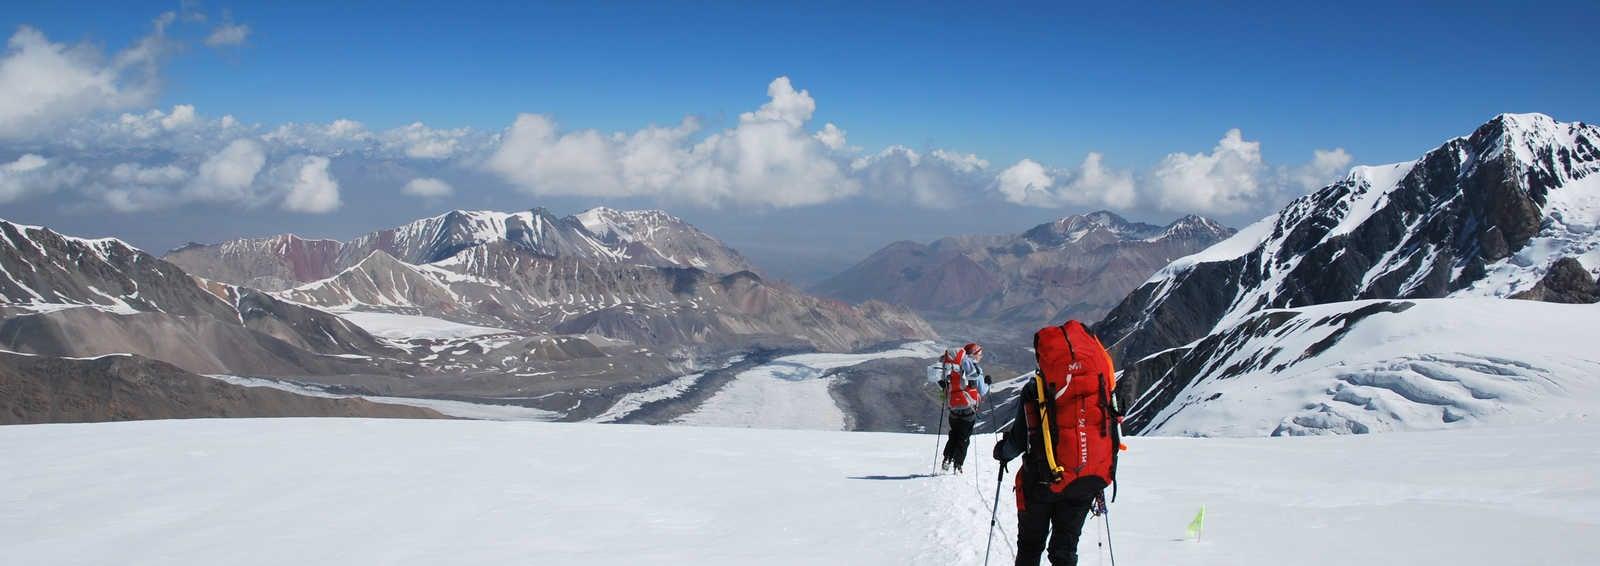 Descending from Lenin Peak